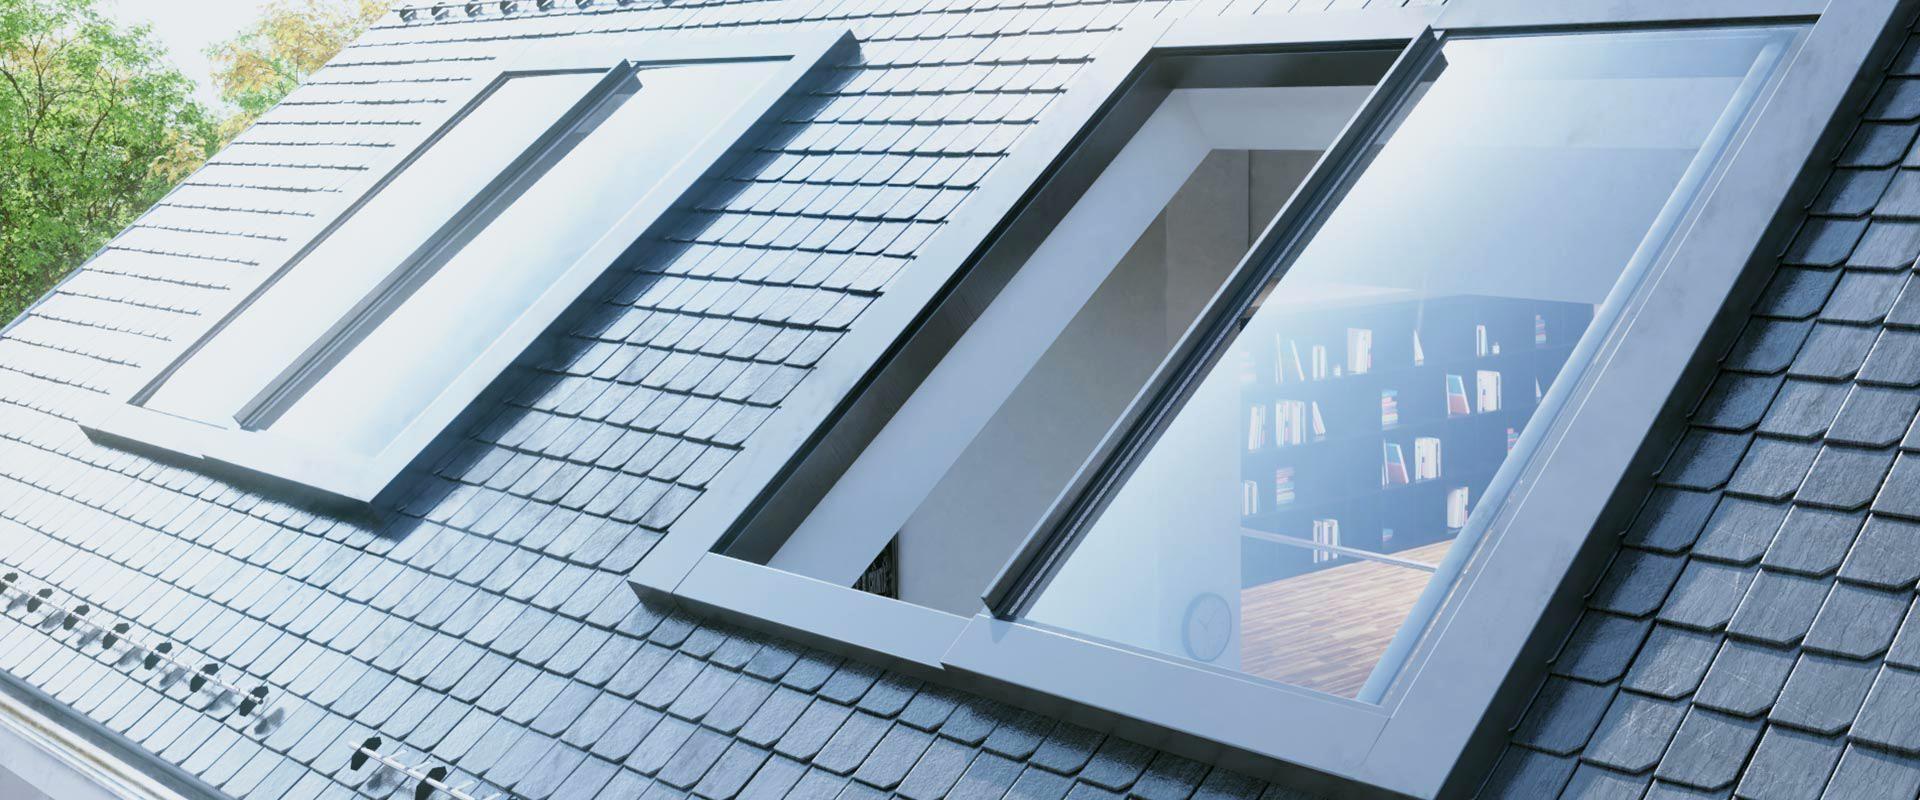 Fenster Dach Dachausstieg S25 Auaenansicht Dachfenster S15 Innenansicht S10 Dachfirst Dachgeschoss Rollos Dachschrage Preis